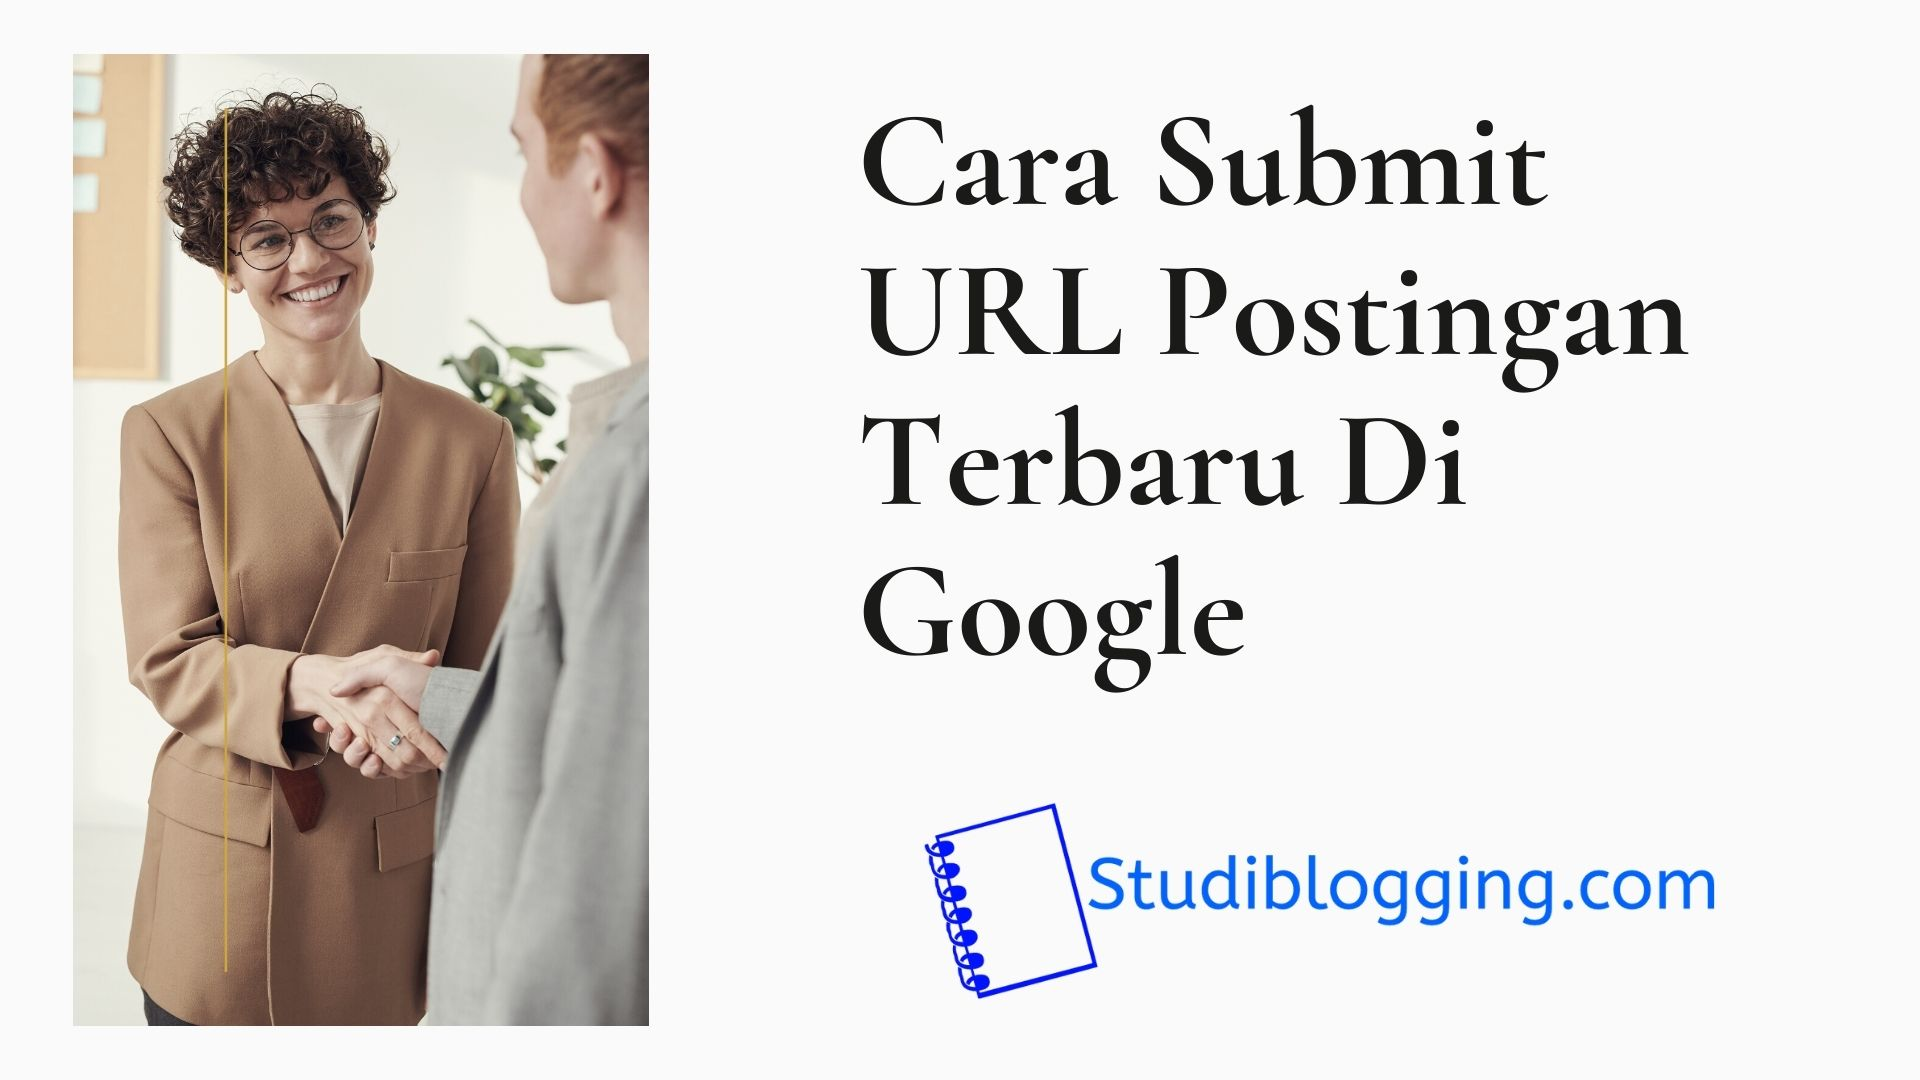 Cara Submit URL Postingan Terbaru di Google Agar Artikel Cepat Terindek Menggunakan Google Search Console Terbaru